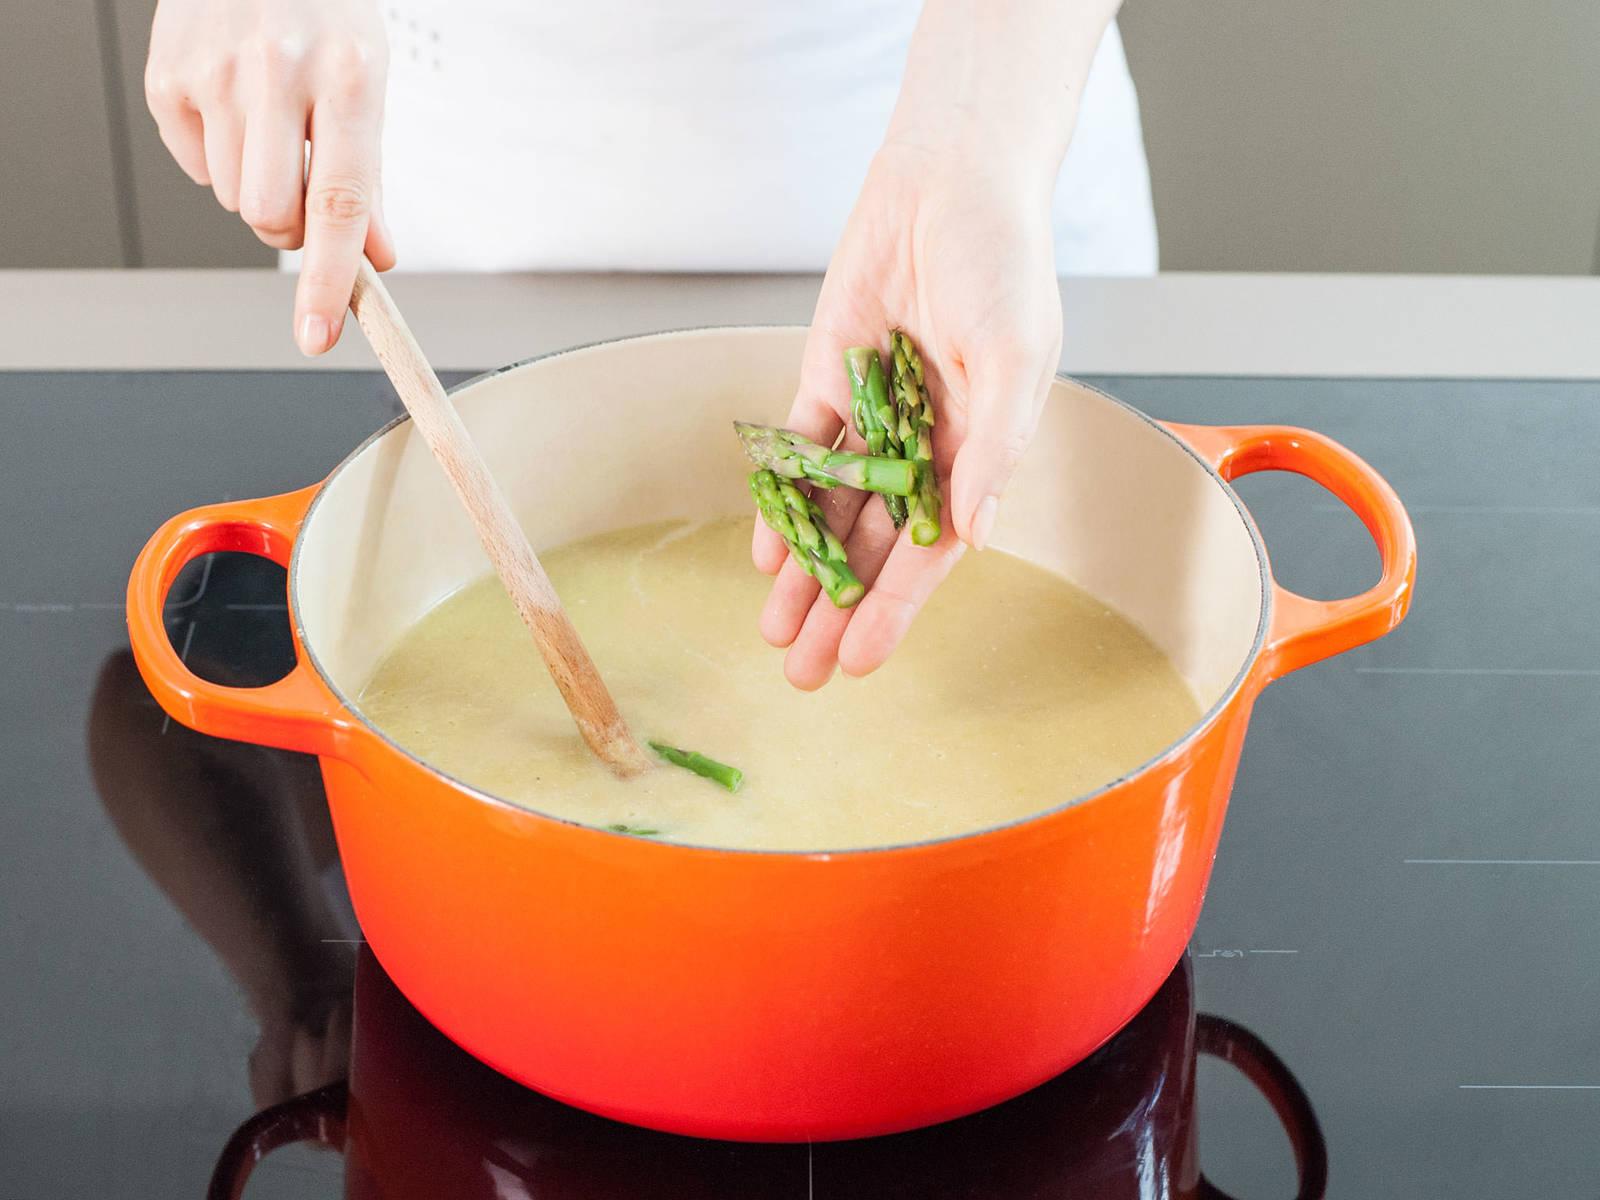 将汤煮沸,拌入剩余的黄油。关火取下,拌入柠檬汁,饰以芦笋尖。调味。